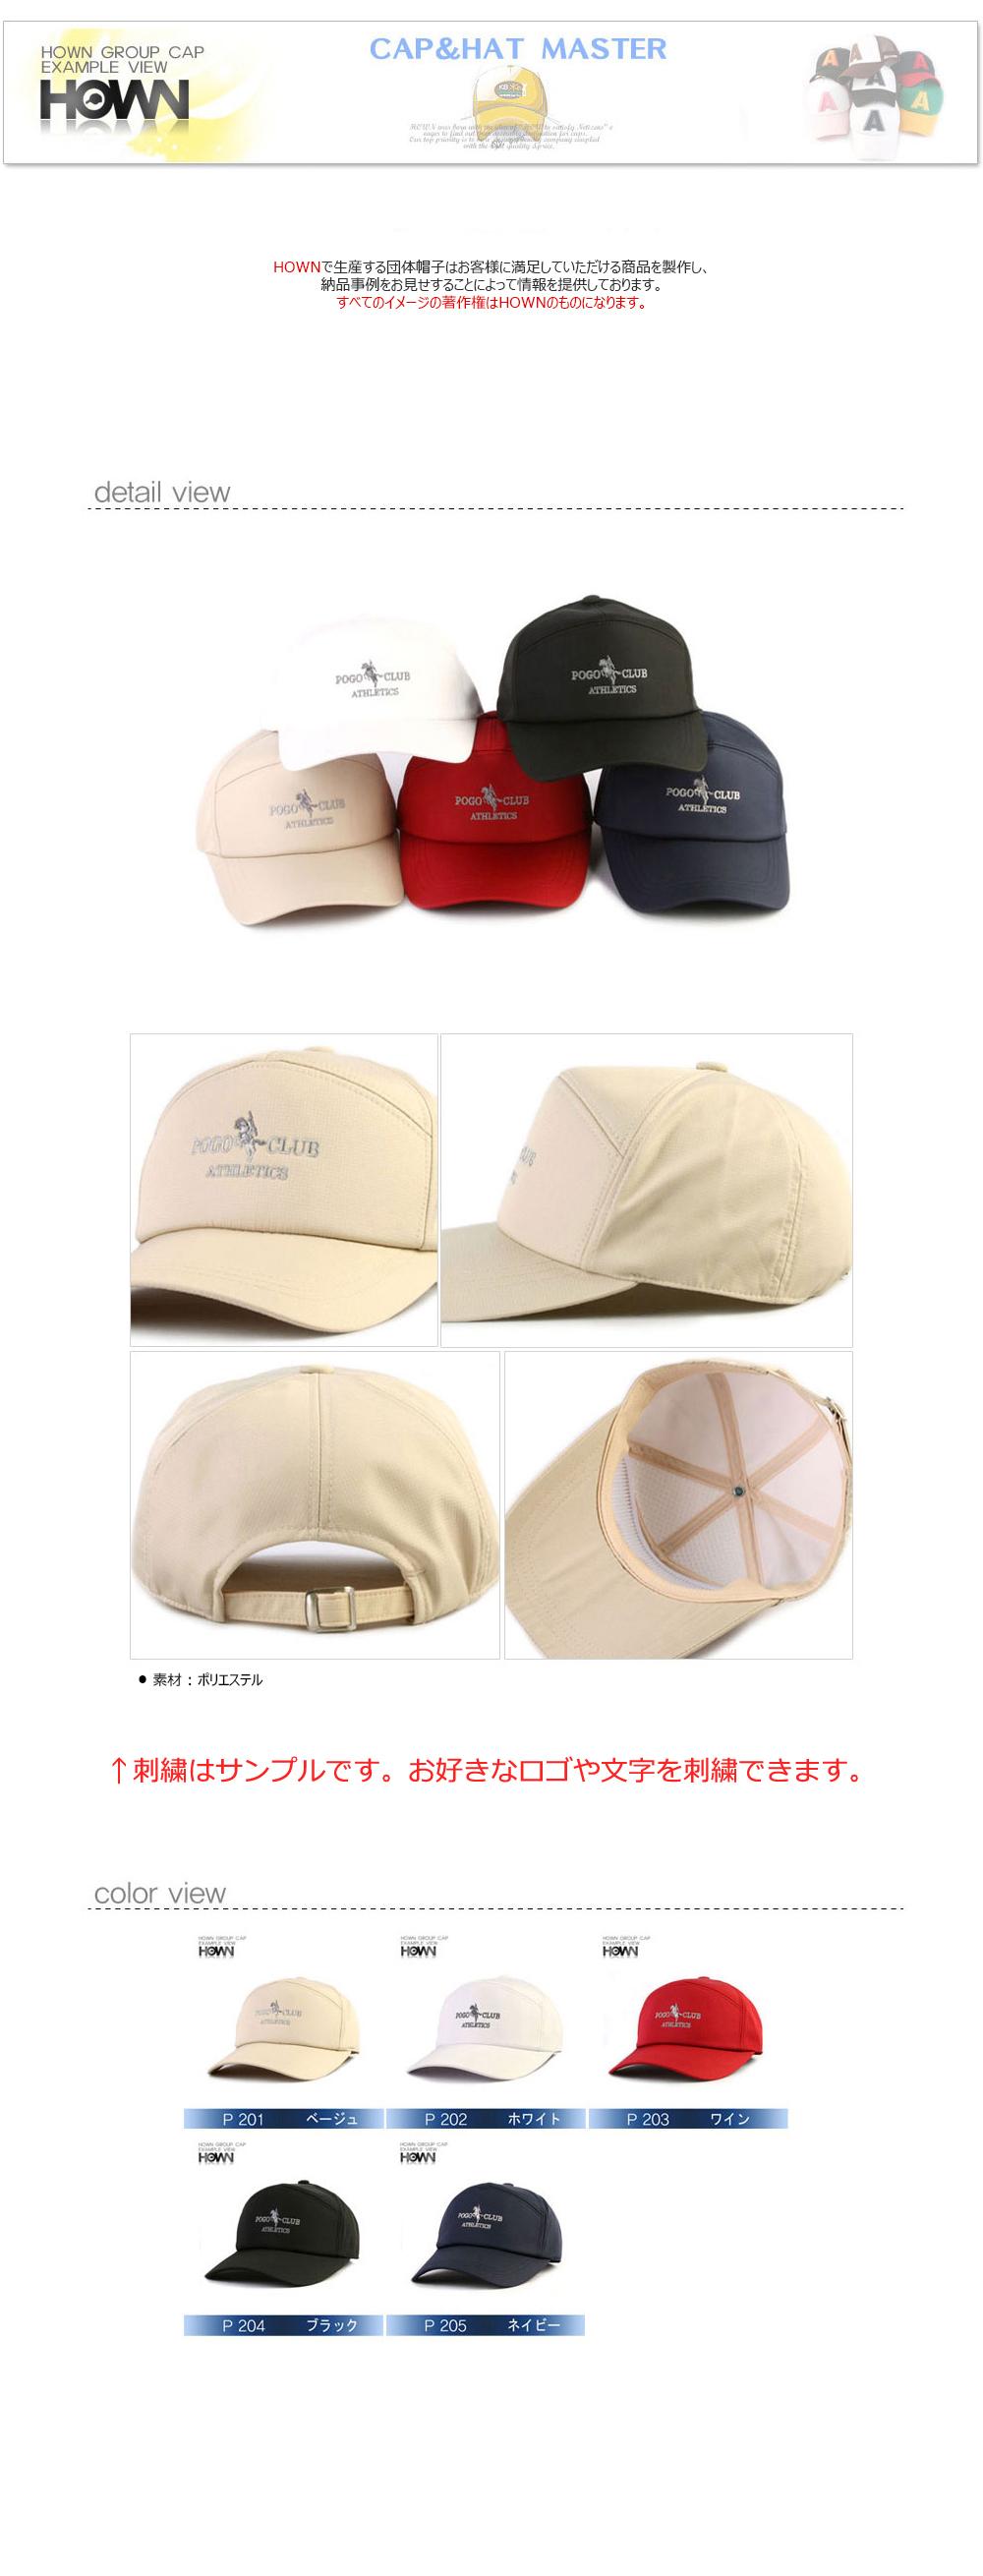 ゴルフ帽子 1点から製作可能!名前入れ 刺繍 プリント オリジナルキャップ イベント用 野球帽 学校行事 サークル ゴルフキャップに刺繍を!